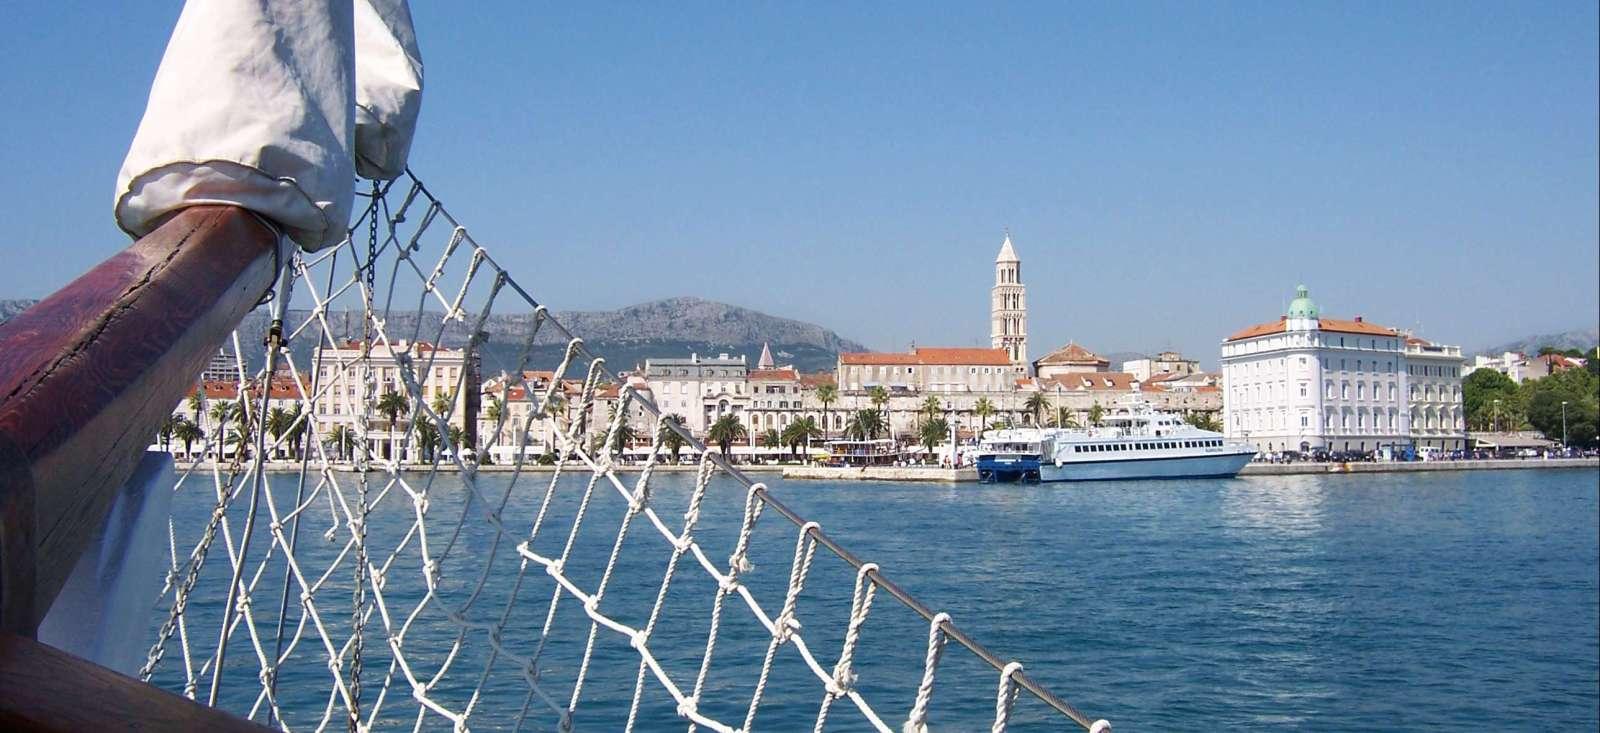 Voyage sur l'eau Croatie : Merveilles dalmates